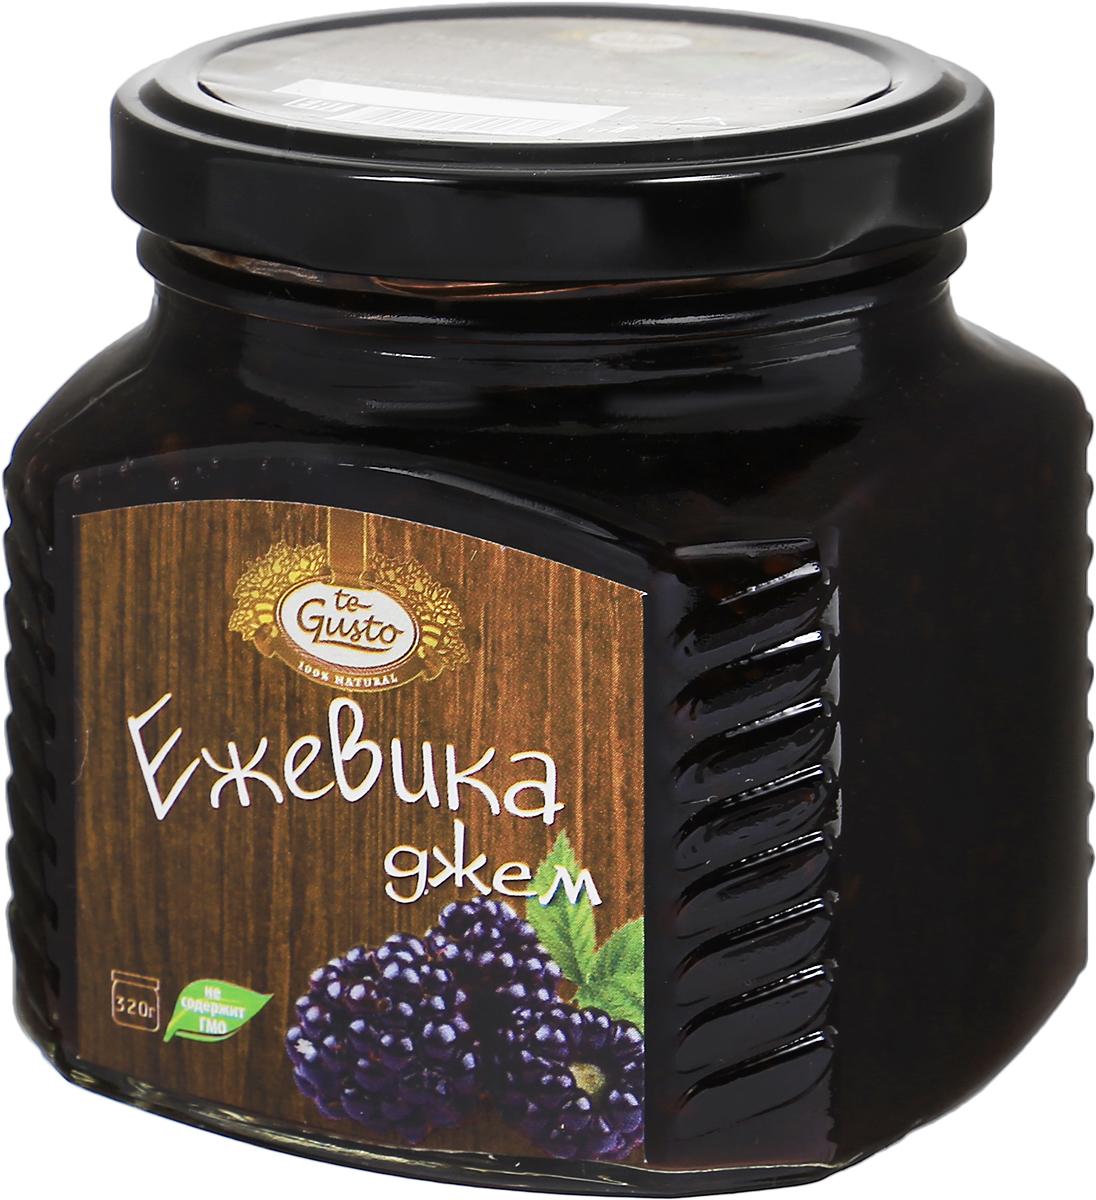 te Gusto Джем из ежевики, 320 г4657155301375Ароматный джем te Gusto изготовлен из ежевики, имеет желеобразную консистенцию с крупными кусочками ягод. Для приготовления джема используются только свежие, тщательно отобранные плоды, созревшие в экологически чистых местах. Продукт не содержит ГМО. Открыв ежевичное сокровище, вы получите не только вкусный натуральный десерт, но и эффективное лекарство от простуды. В соке ягоды масса биофлавонидов, которые способствуют снижению жара, нормализации температуры. Это лучше, чем все фармацевтические инновации. Уважаемые клиенты! Обращаем ваше внимание, что полный перечень состава продукта представлен на дополнительном изображении.